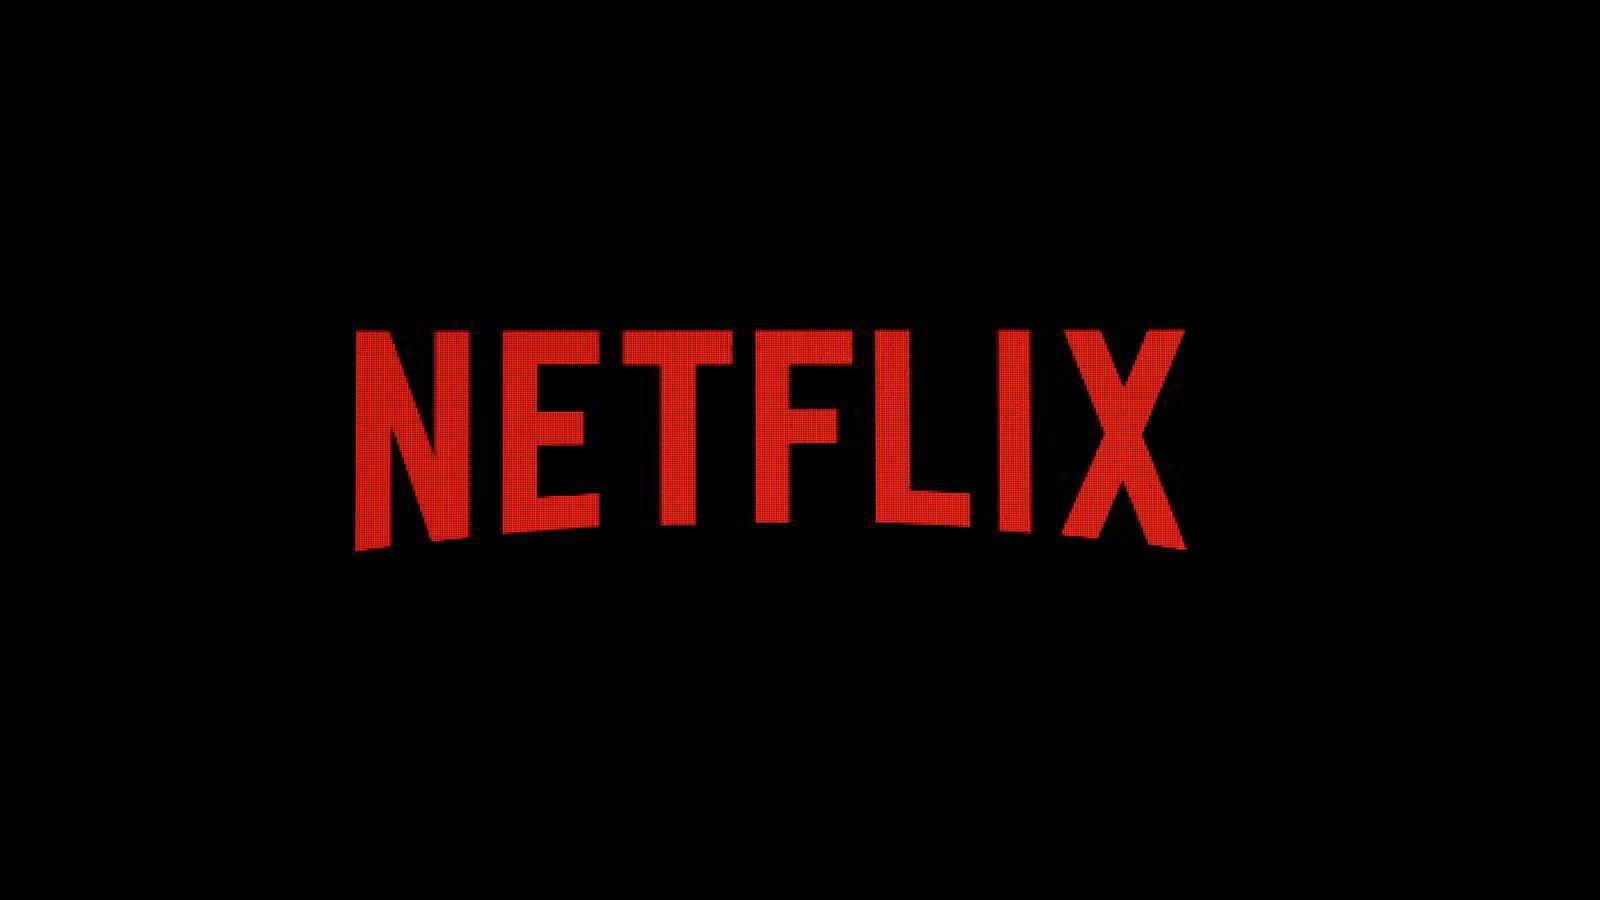 Strømmegiganten Netflix har fjernet saudiaraberes tilgang til en episode av en satirisk programserie etter at myndigheten i landet klaget.